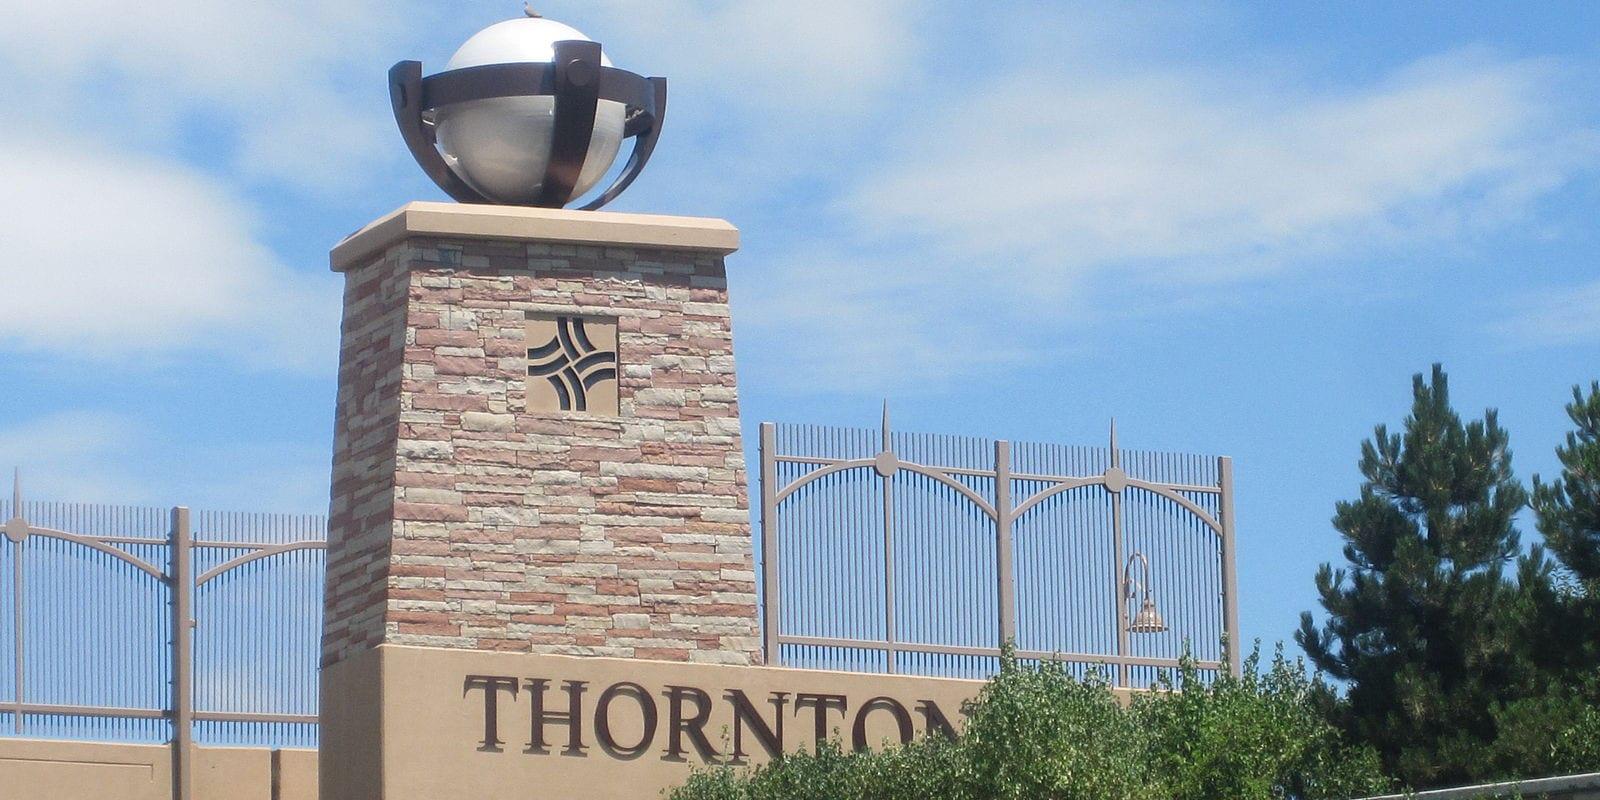 Thornton Colorado Welcome Sign